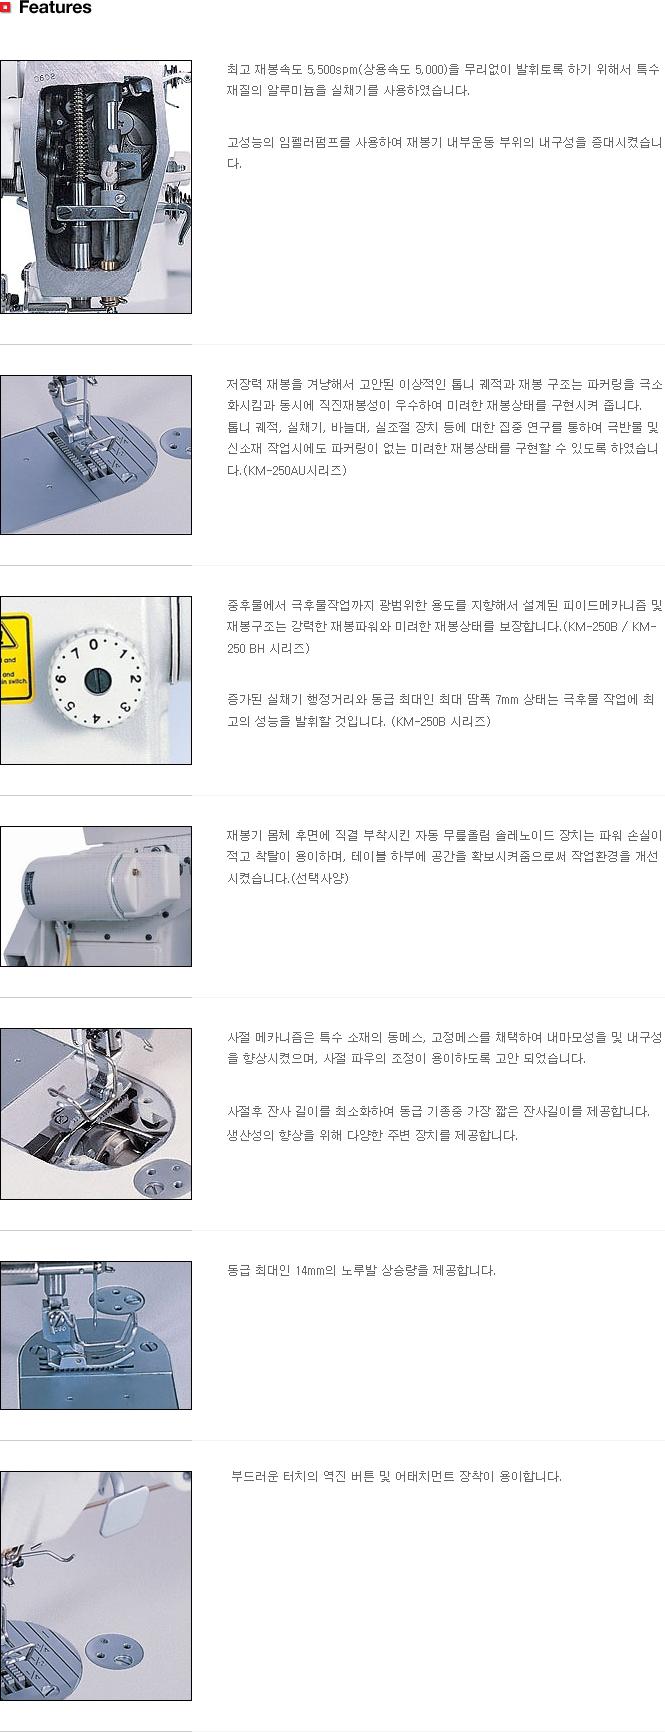 (주)썬스타 본봉 KM-250 Series 3